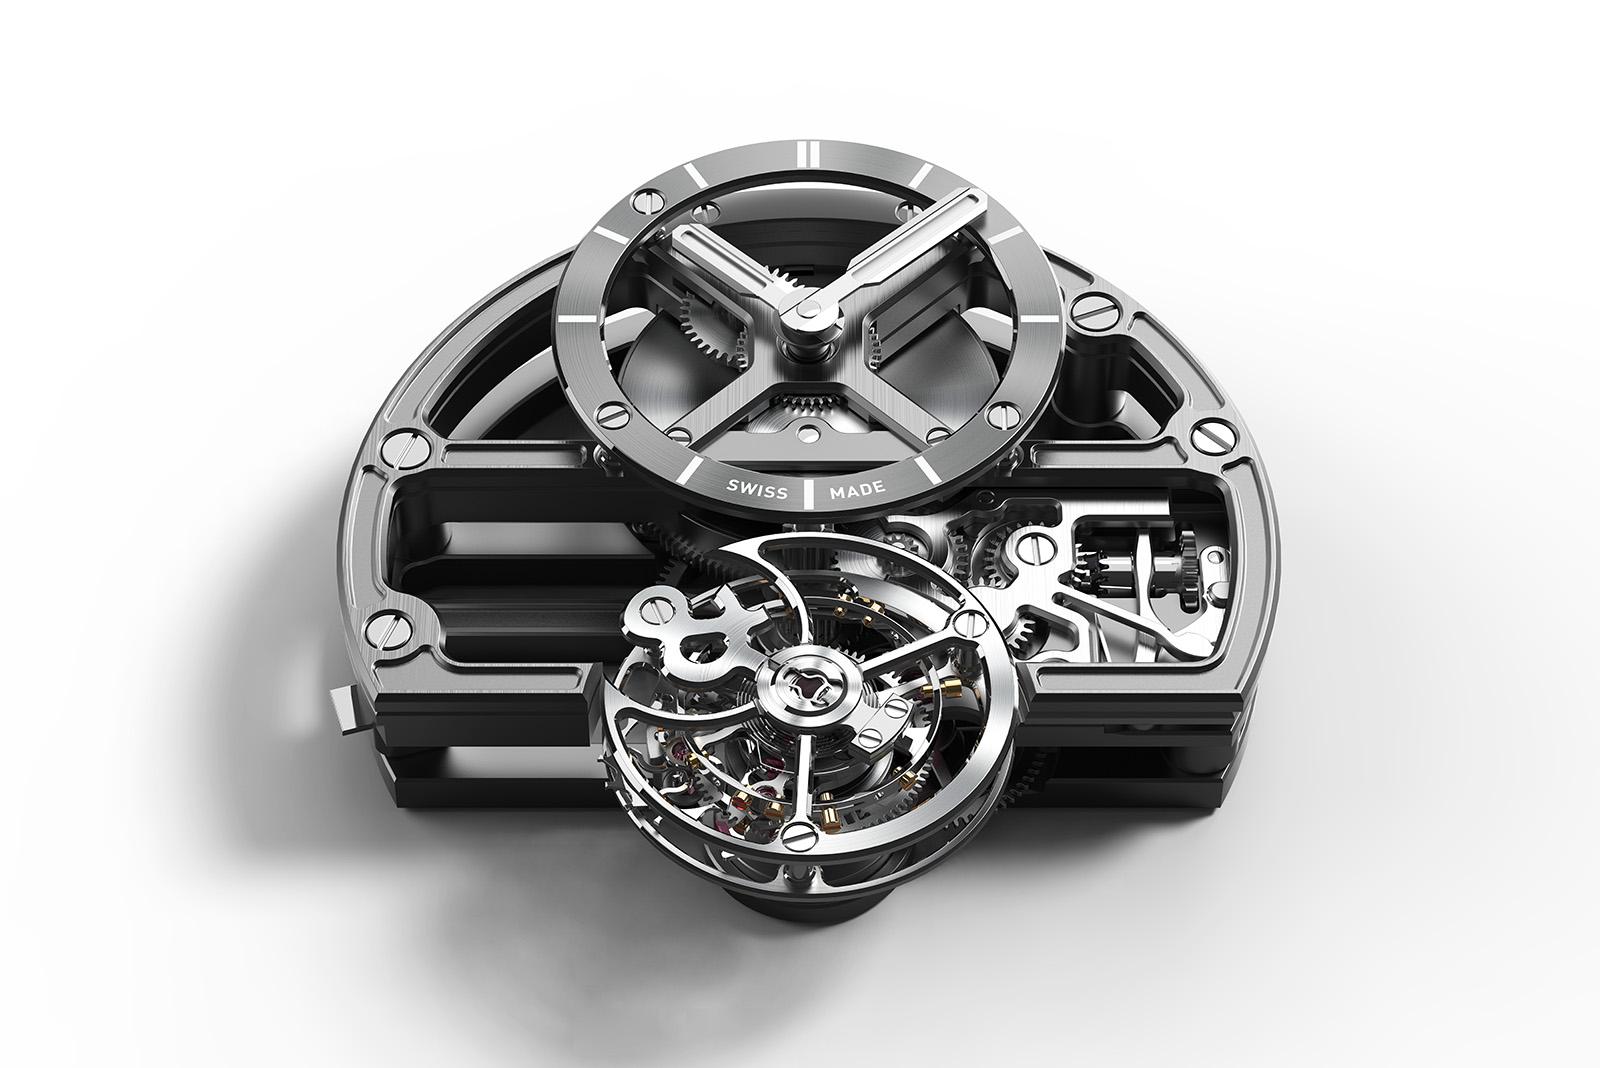 Bell & RossBR-X1 Skeleton Tourbillon Sapphire